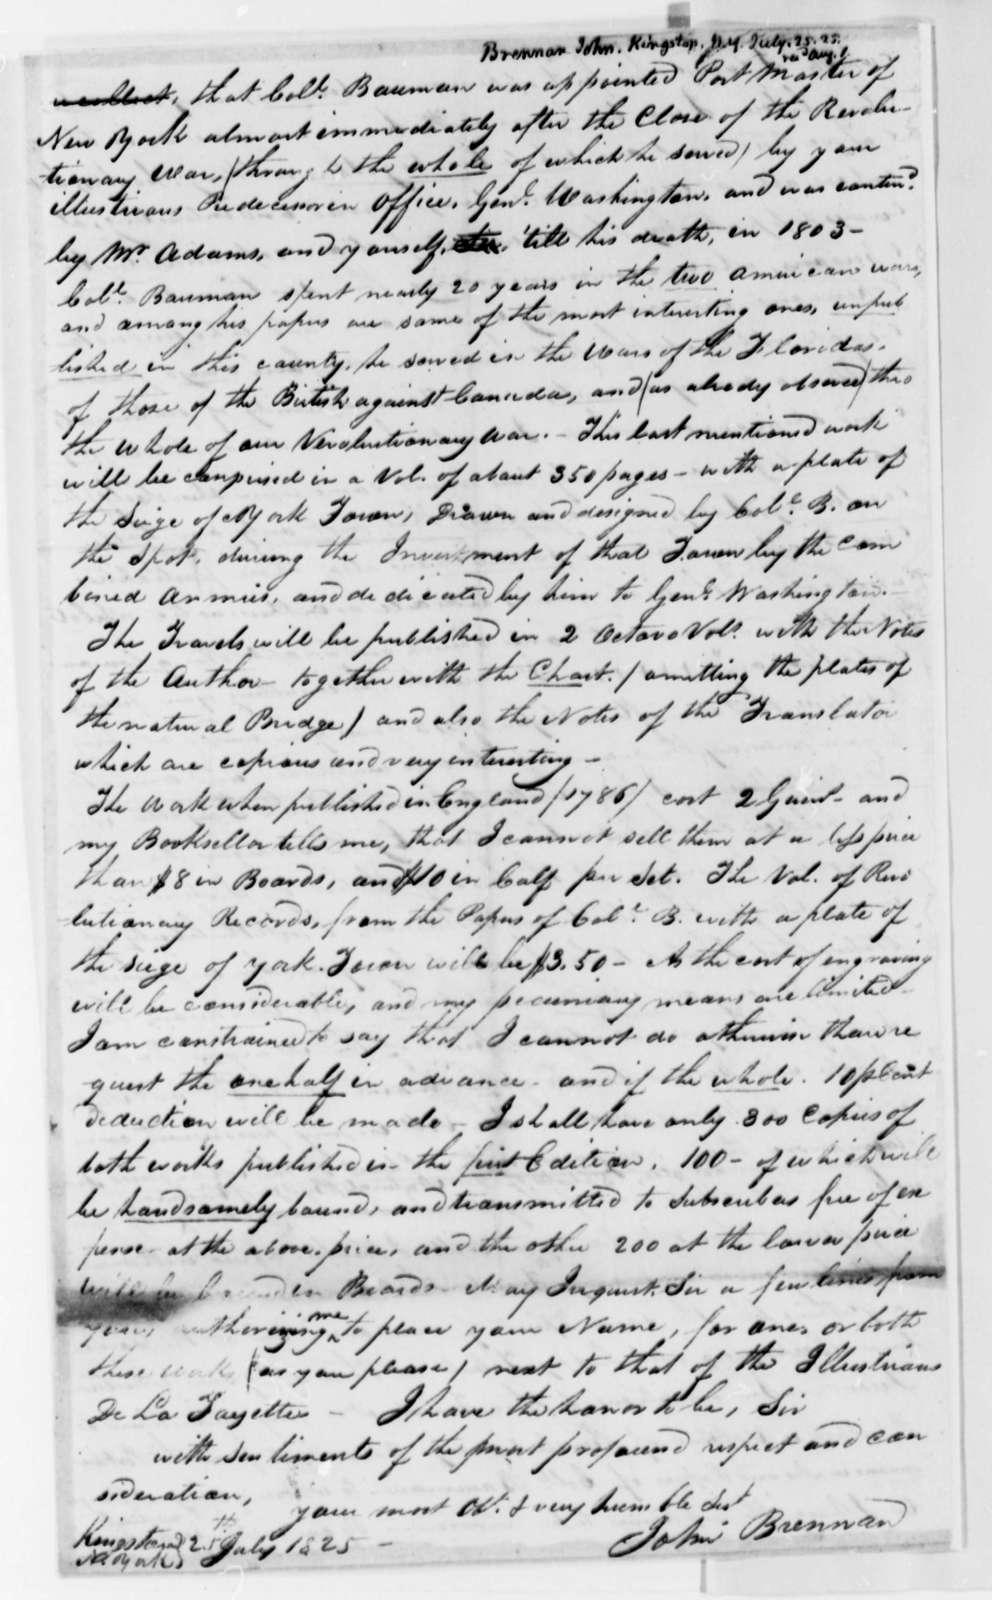 John Brennan to Thomas Jefferson, July 25, 1825